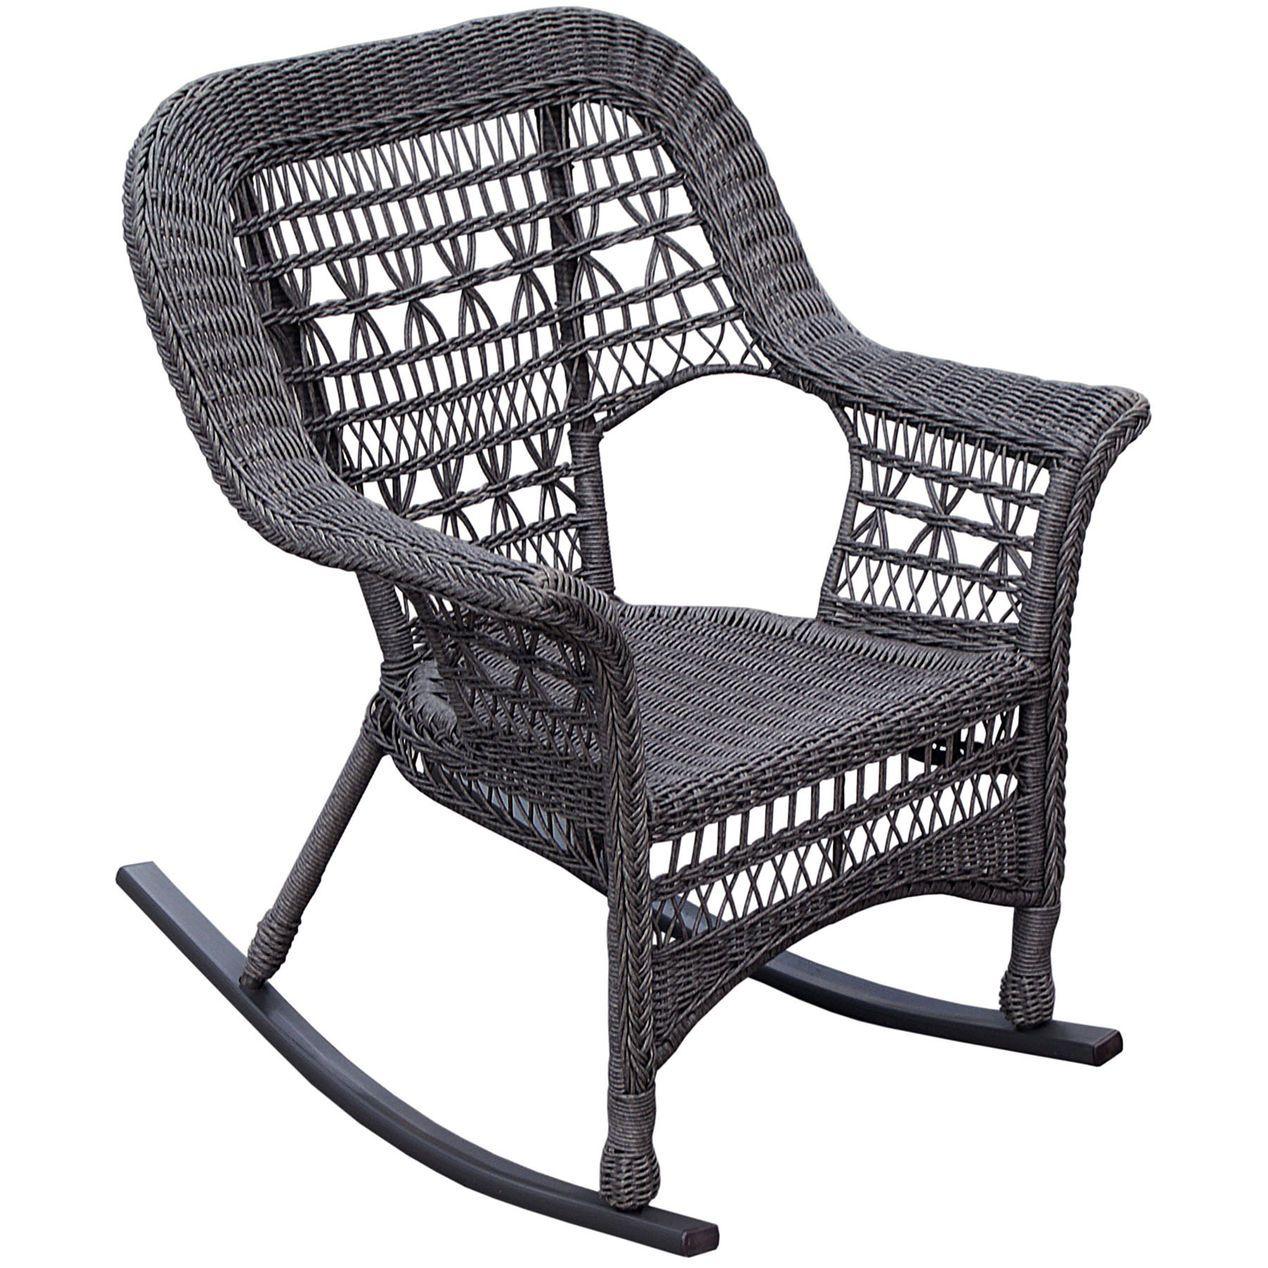 Wicker Rocking Chair Grey Wicker Rocking Chair Rocking Chair Chair